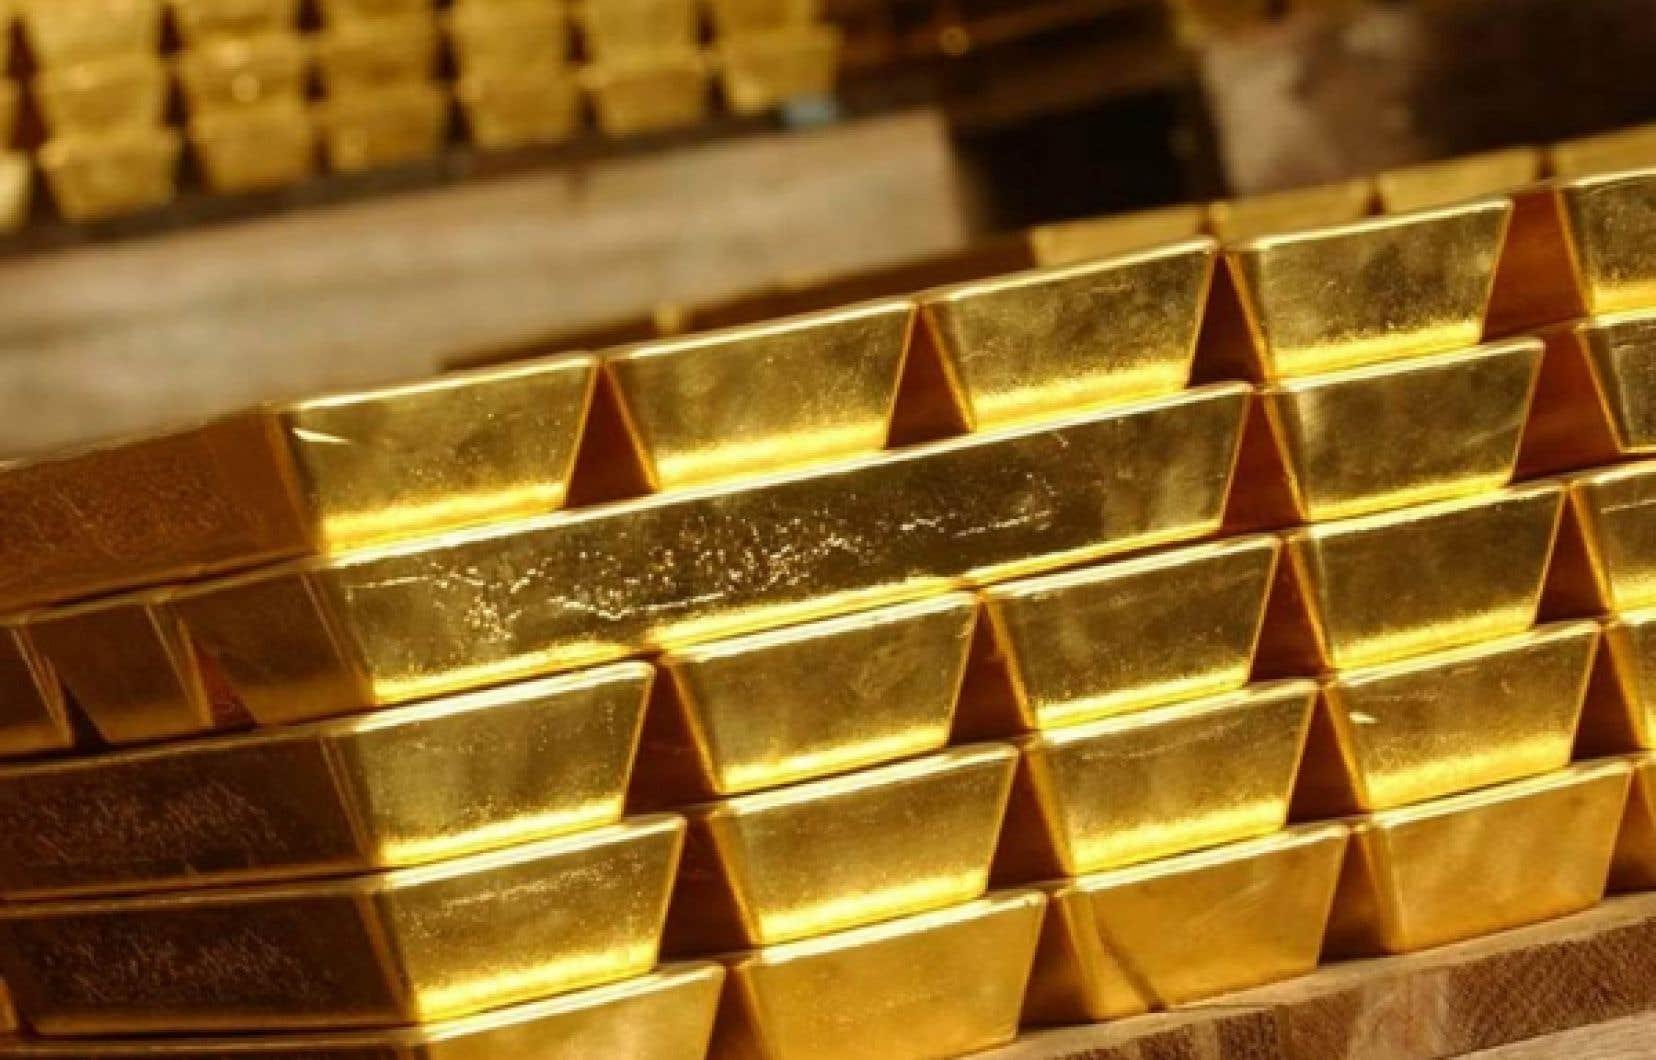 Dans le résumé du livre Imperial Canada Inc.: Legal Haven of Choice for the World's Mining Industries mis en ligne sur le site de l'éditeur Talonbooks, les auteurs partent du constat selon lequel le Canada héberge près des trois quarts des entreprises minières du monde